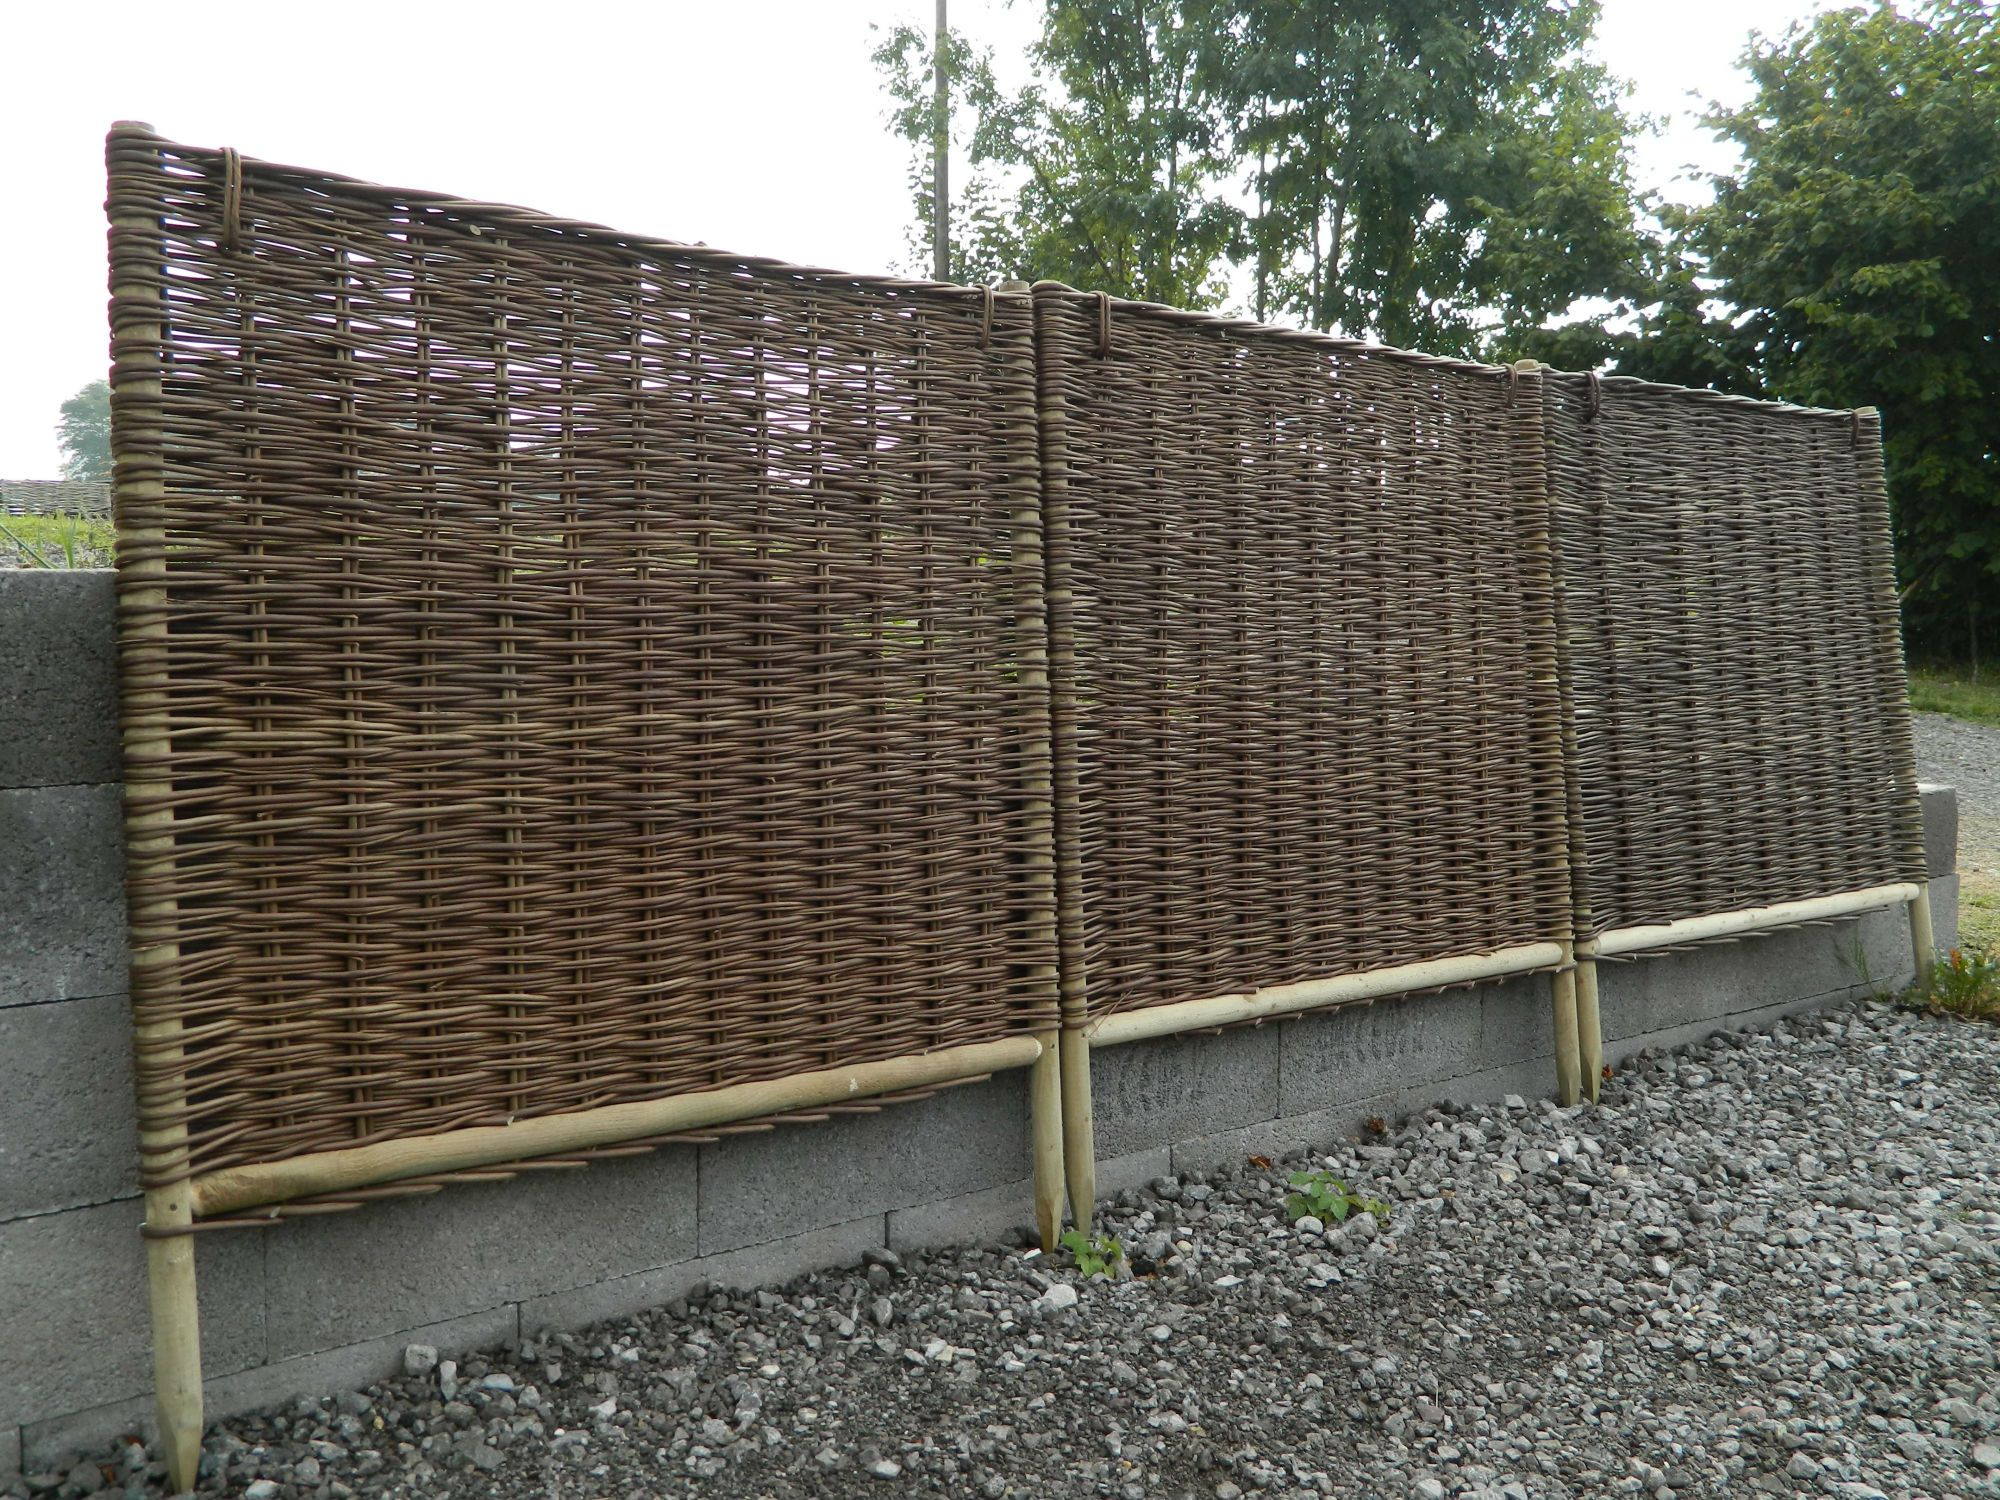 Hauteur Brise Vue Terrasse brise vue hauteur 2m50 cloture brise vue jardin | camping